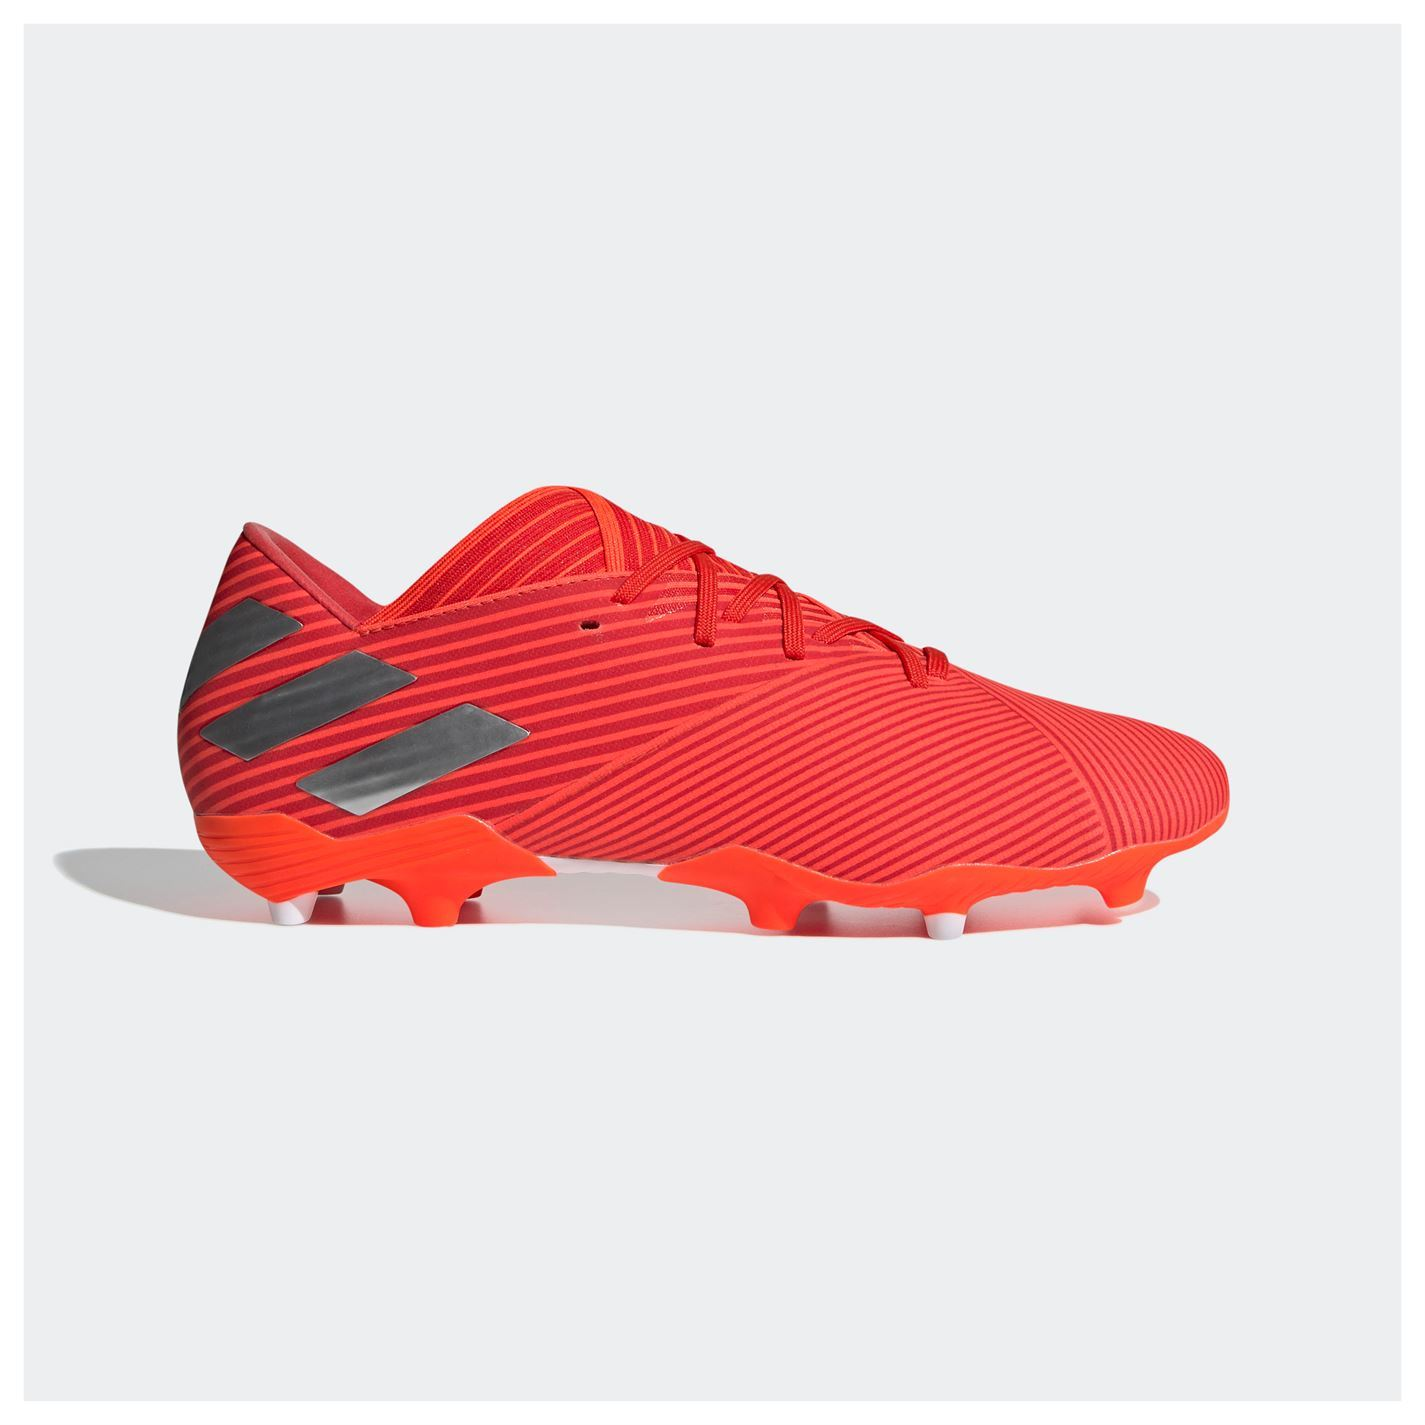 Dettagli su Adidas Nemeziz 19.2 Firm Ground Fg Scarpe da Calcio Uomo Calcio Tacchetti Scarpe